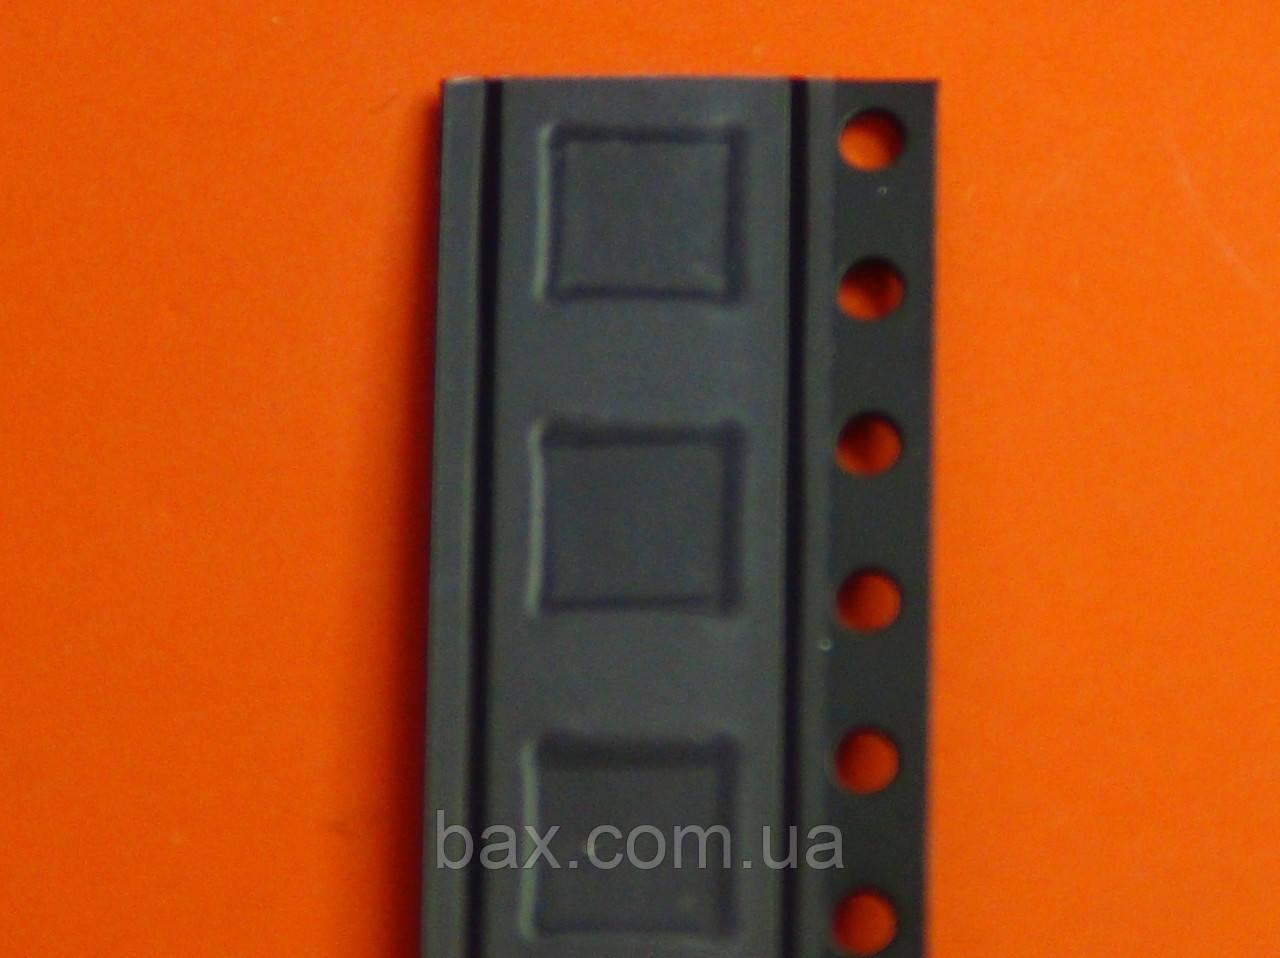 Микросхема контроллер питания AW9136 Новый в упаковке